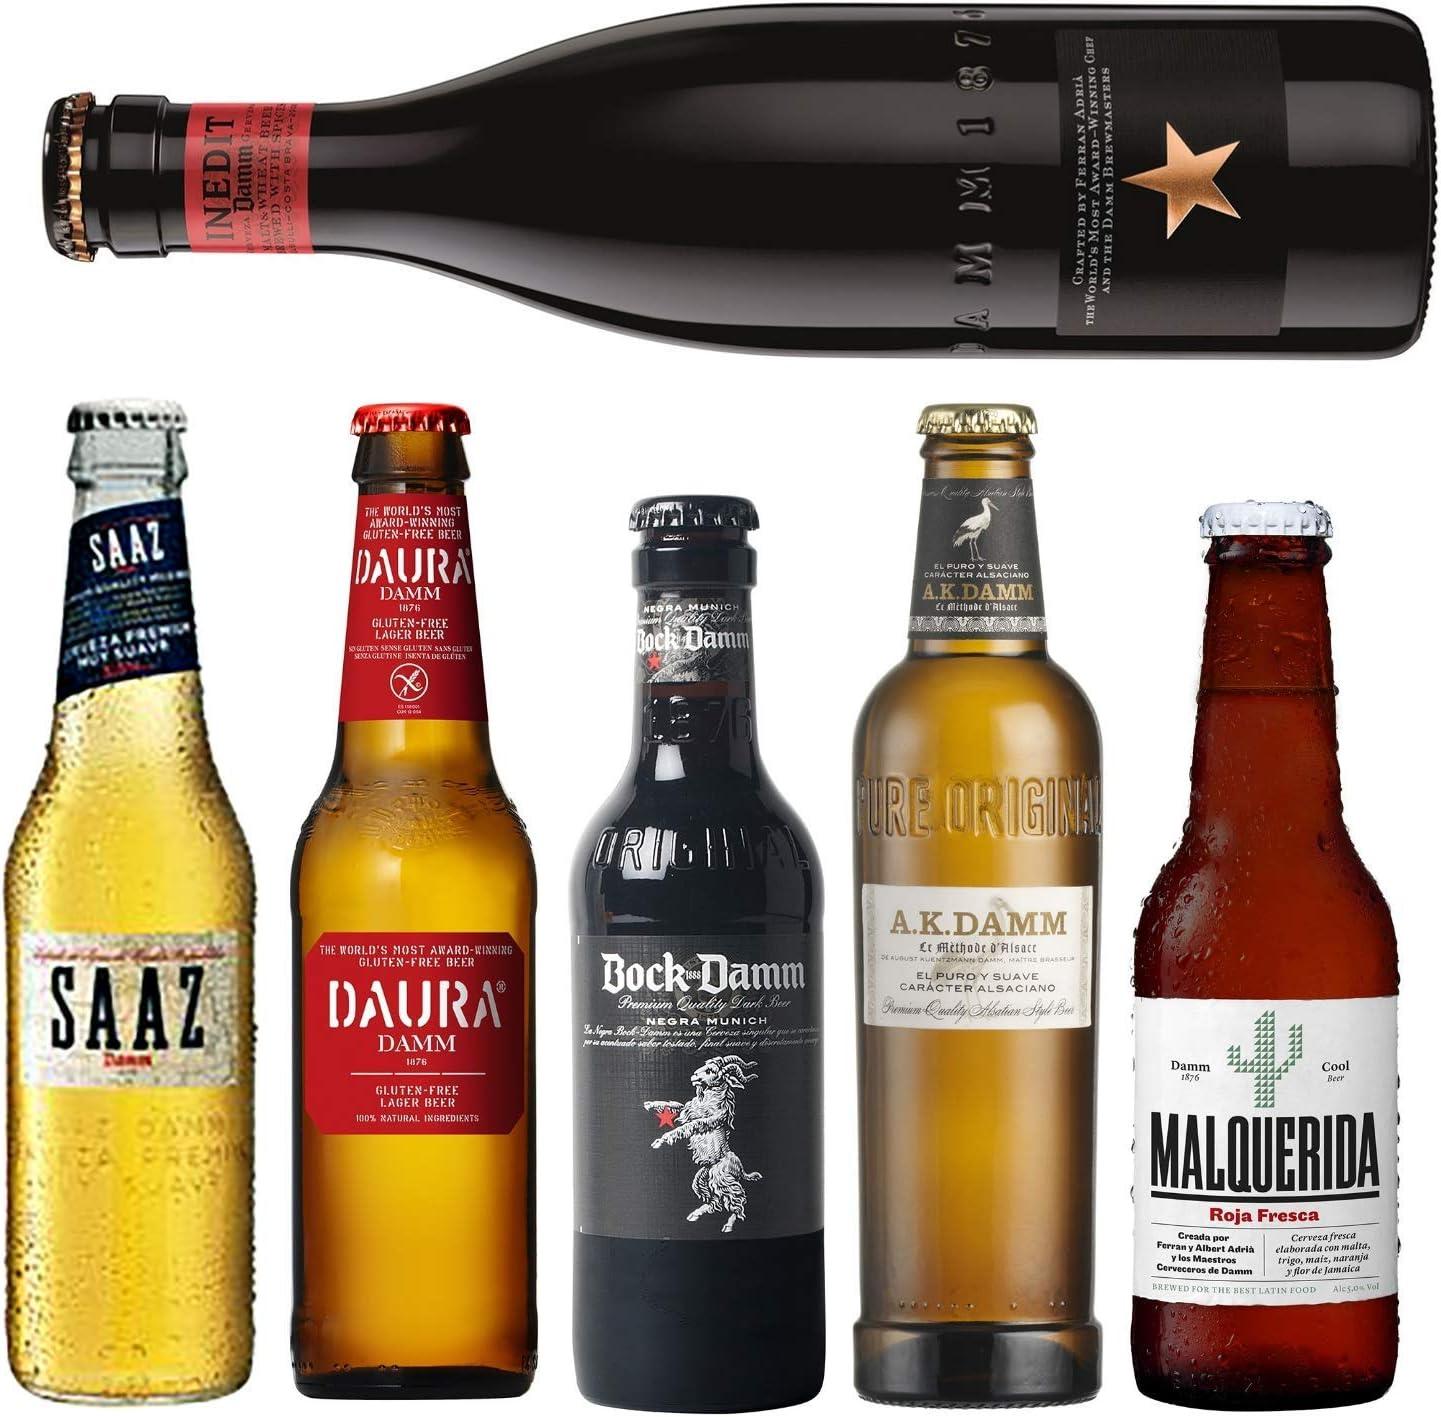 Pack de cervezas Damm - AK Damm, Malquerida cerveza, Damm Daura ...